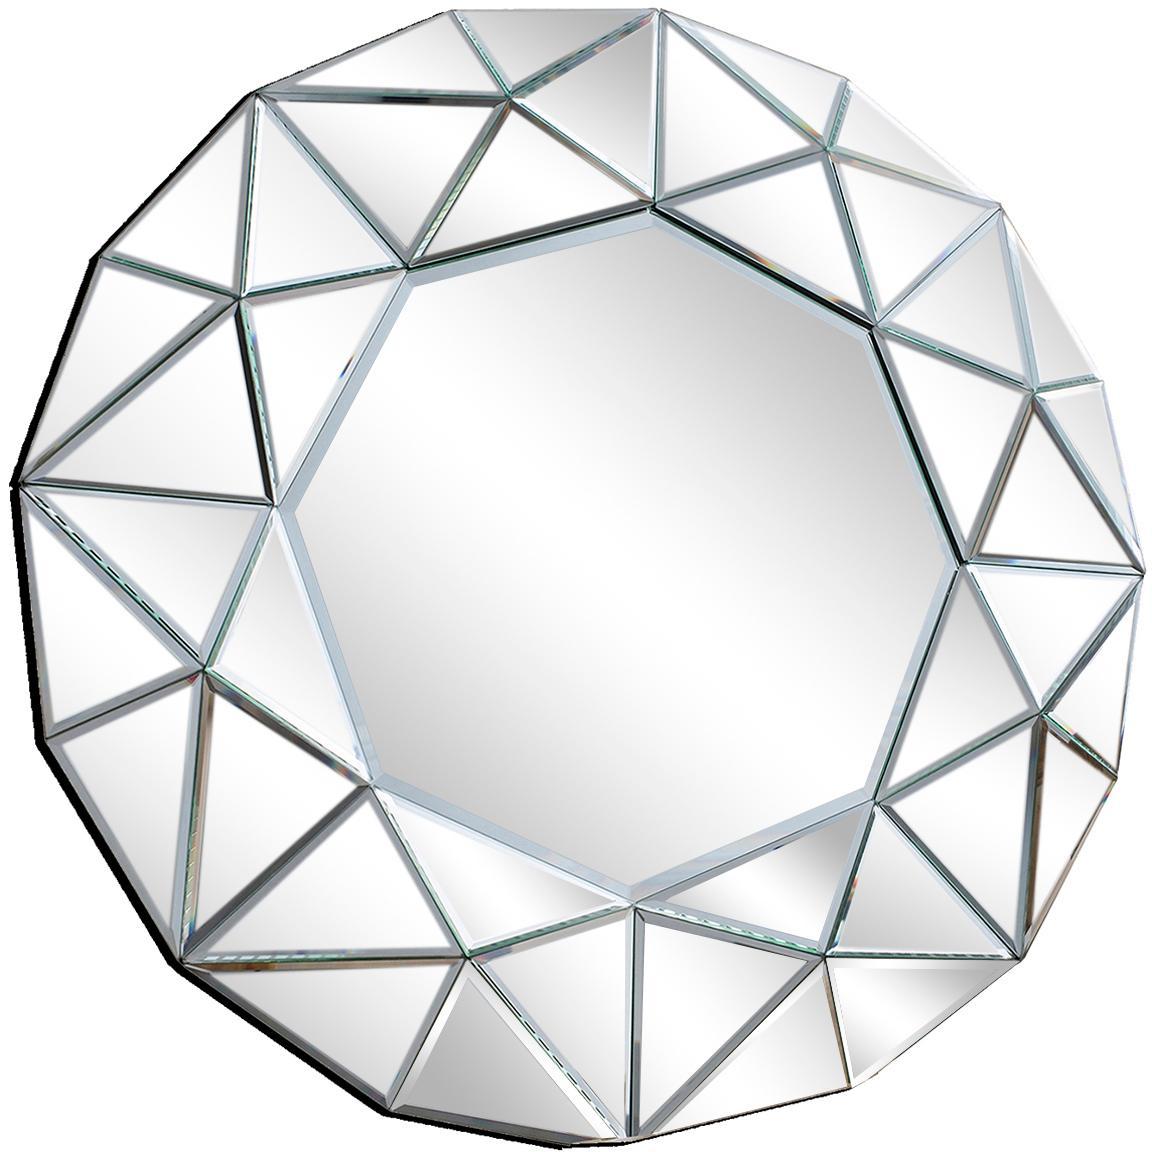 Lustro ścienne ze szkła lustrzanego Zaragoza, Szkło lustrzane, Ø 70 x G 5 cm